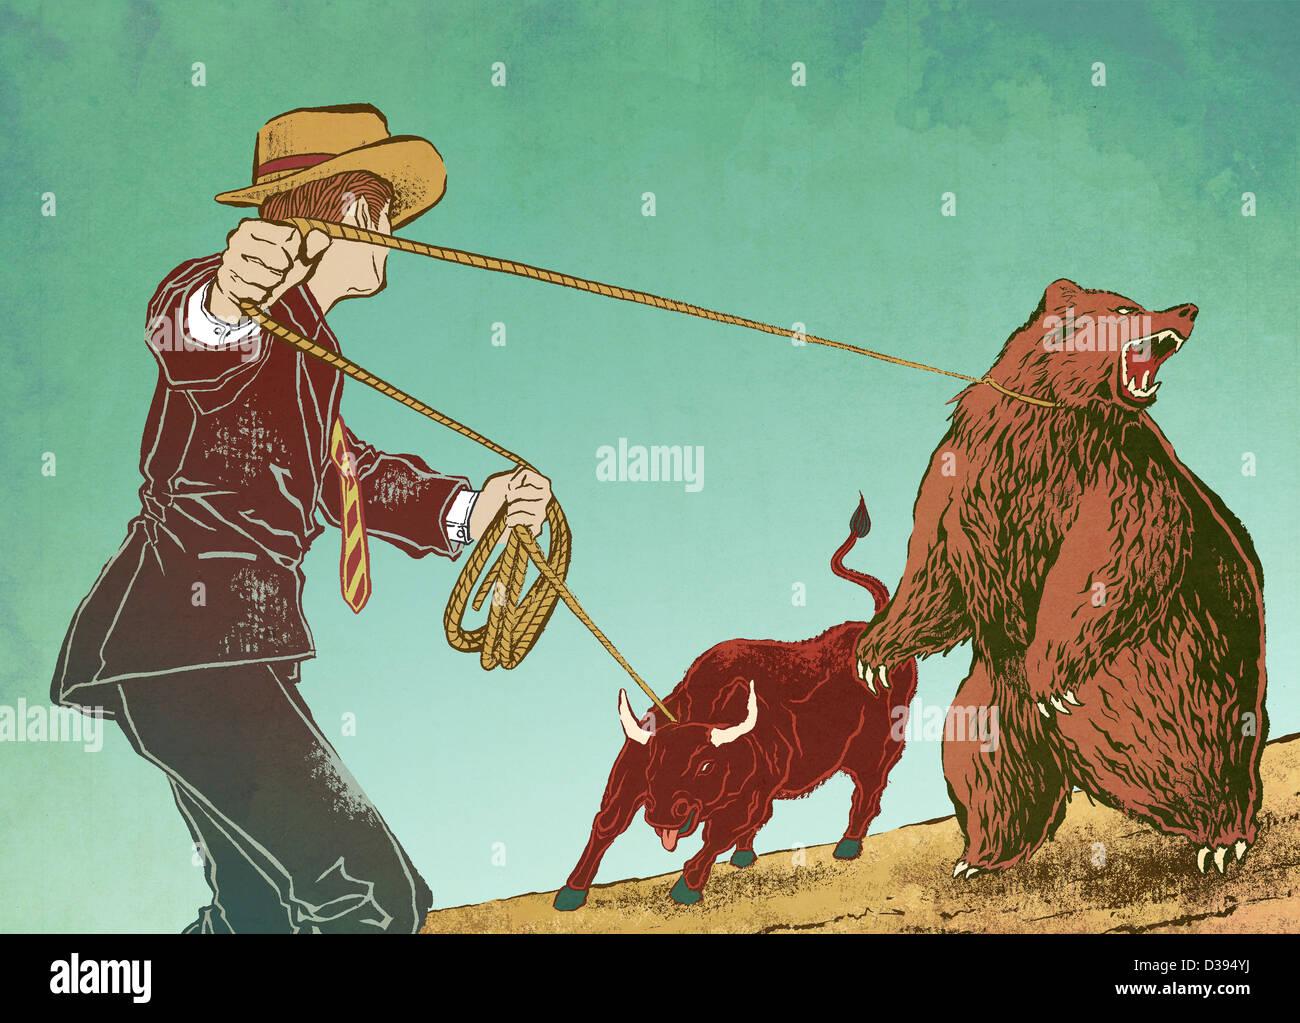 Inquadratura concettuale dell'uomo il controllo di bull e bear raffigurante il controllo su mercato azionario Immagini Stock